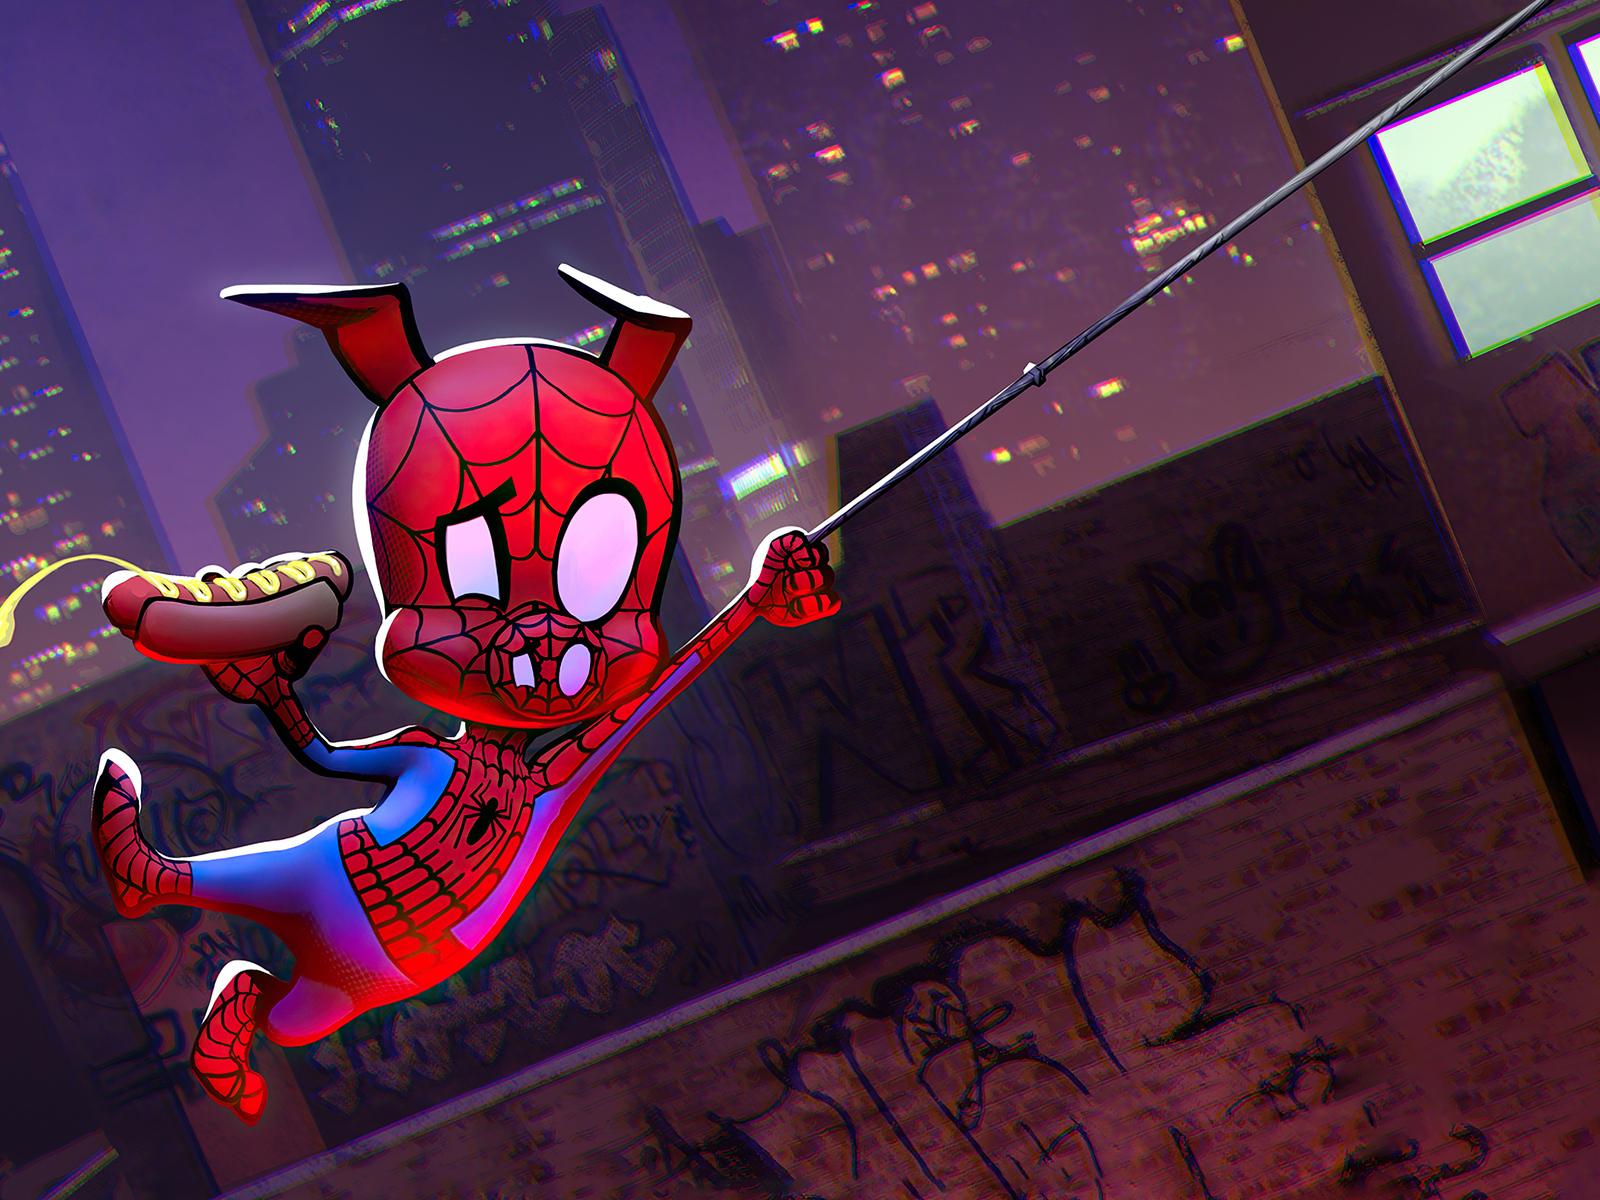 spider-ham-illustration-4k-u5.jpg